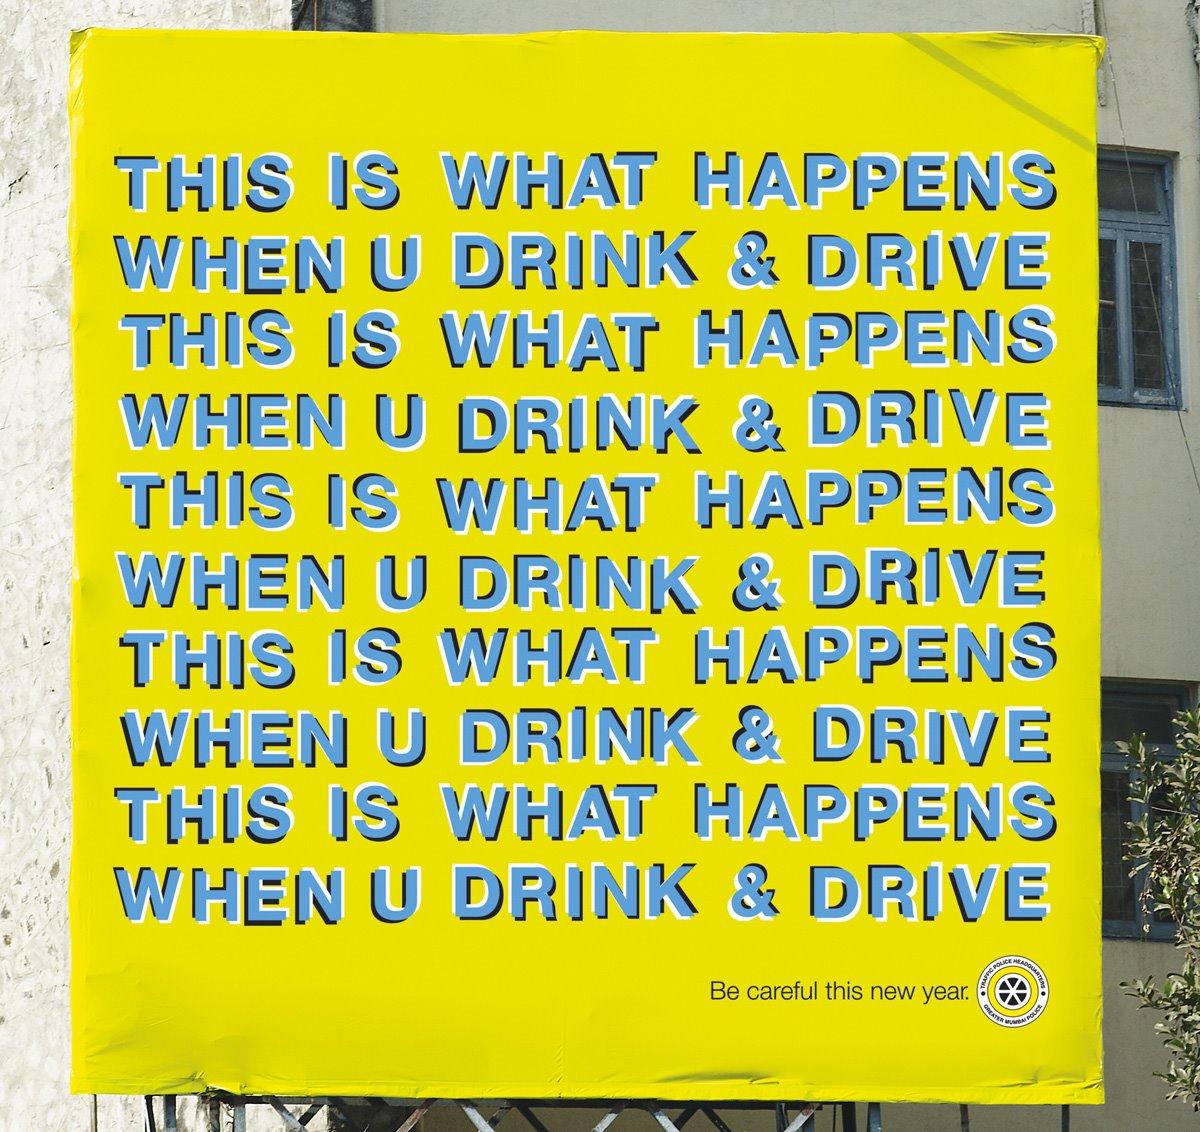 ogilvy_india Drink&Drive   Ogilvy Índia